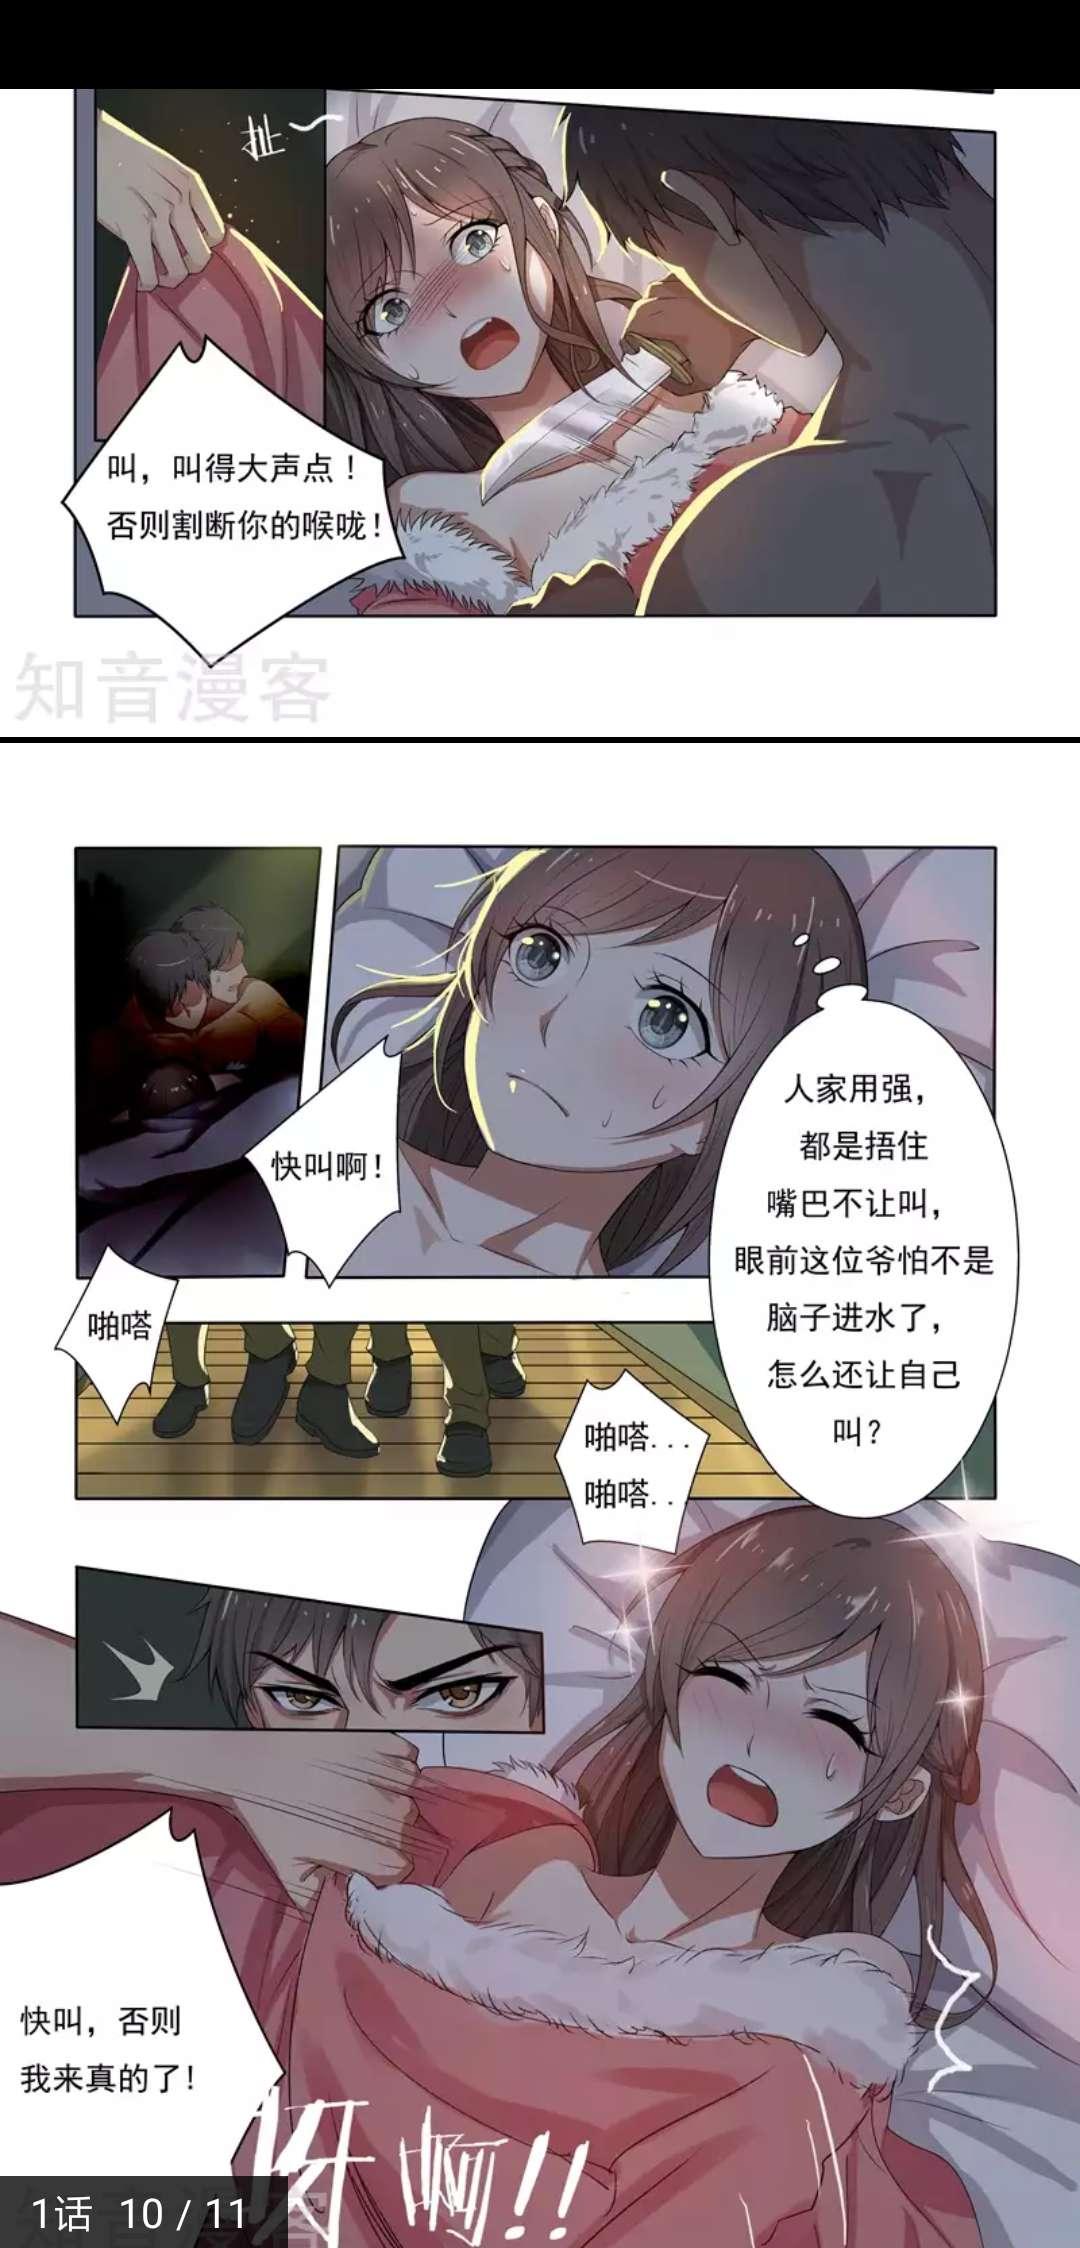 超萌漫画19.7.1版 看全网付费漫画!